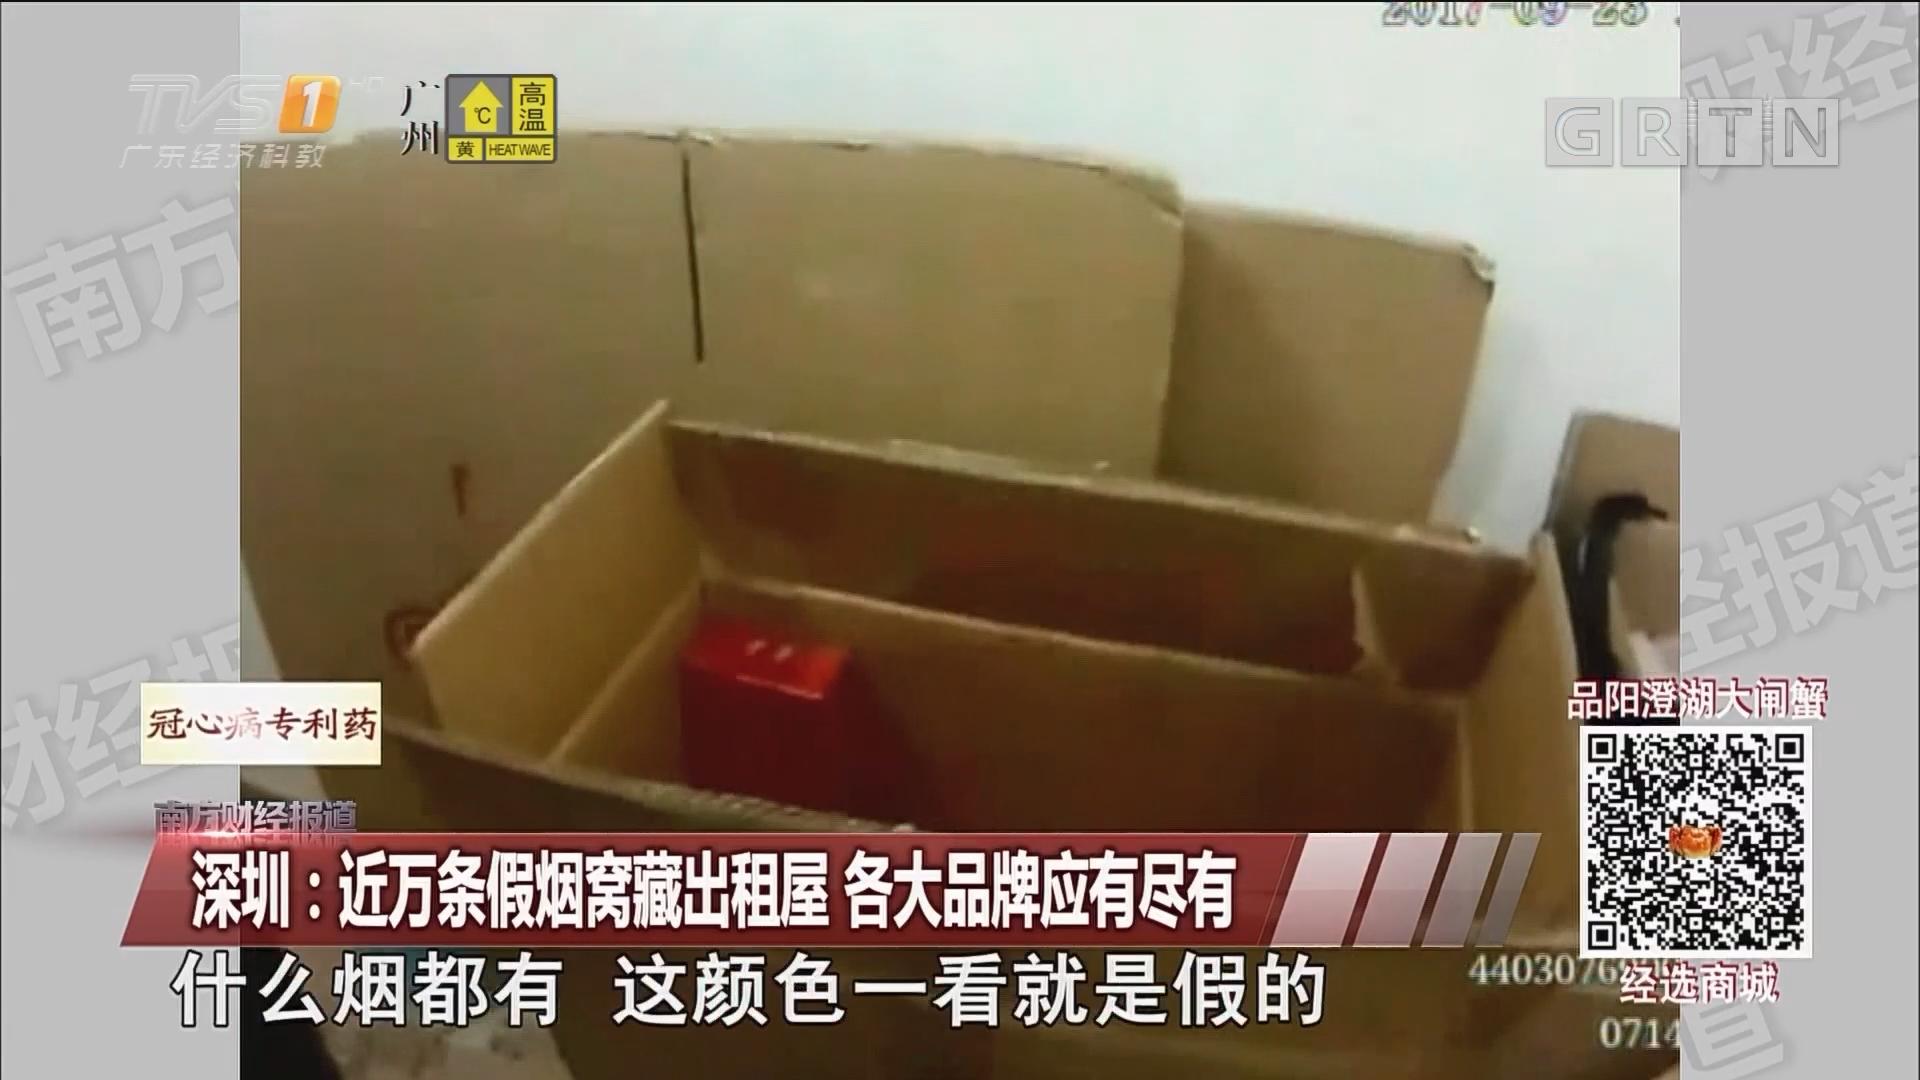 深圳:近万条假烟窝藏出租屋 各大品牌应有尽有